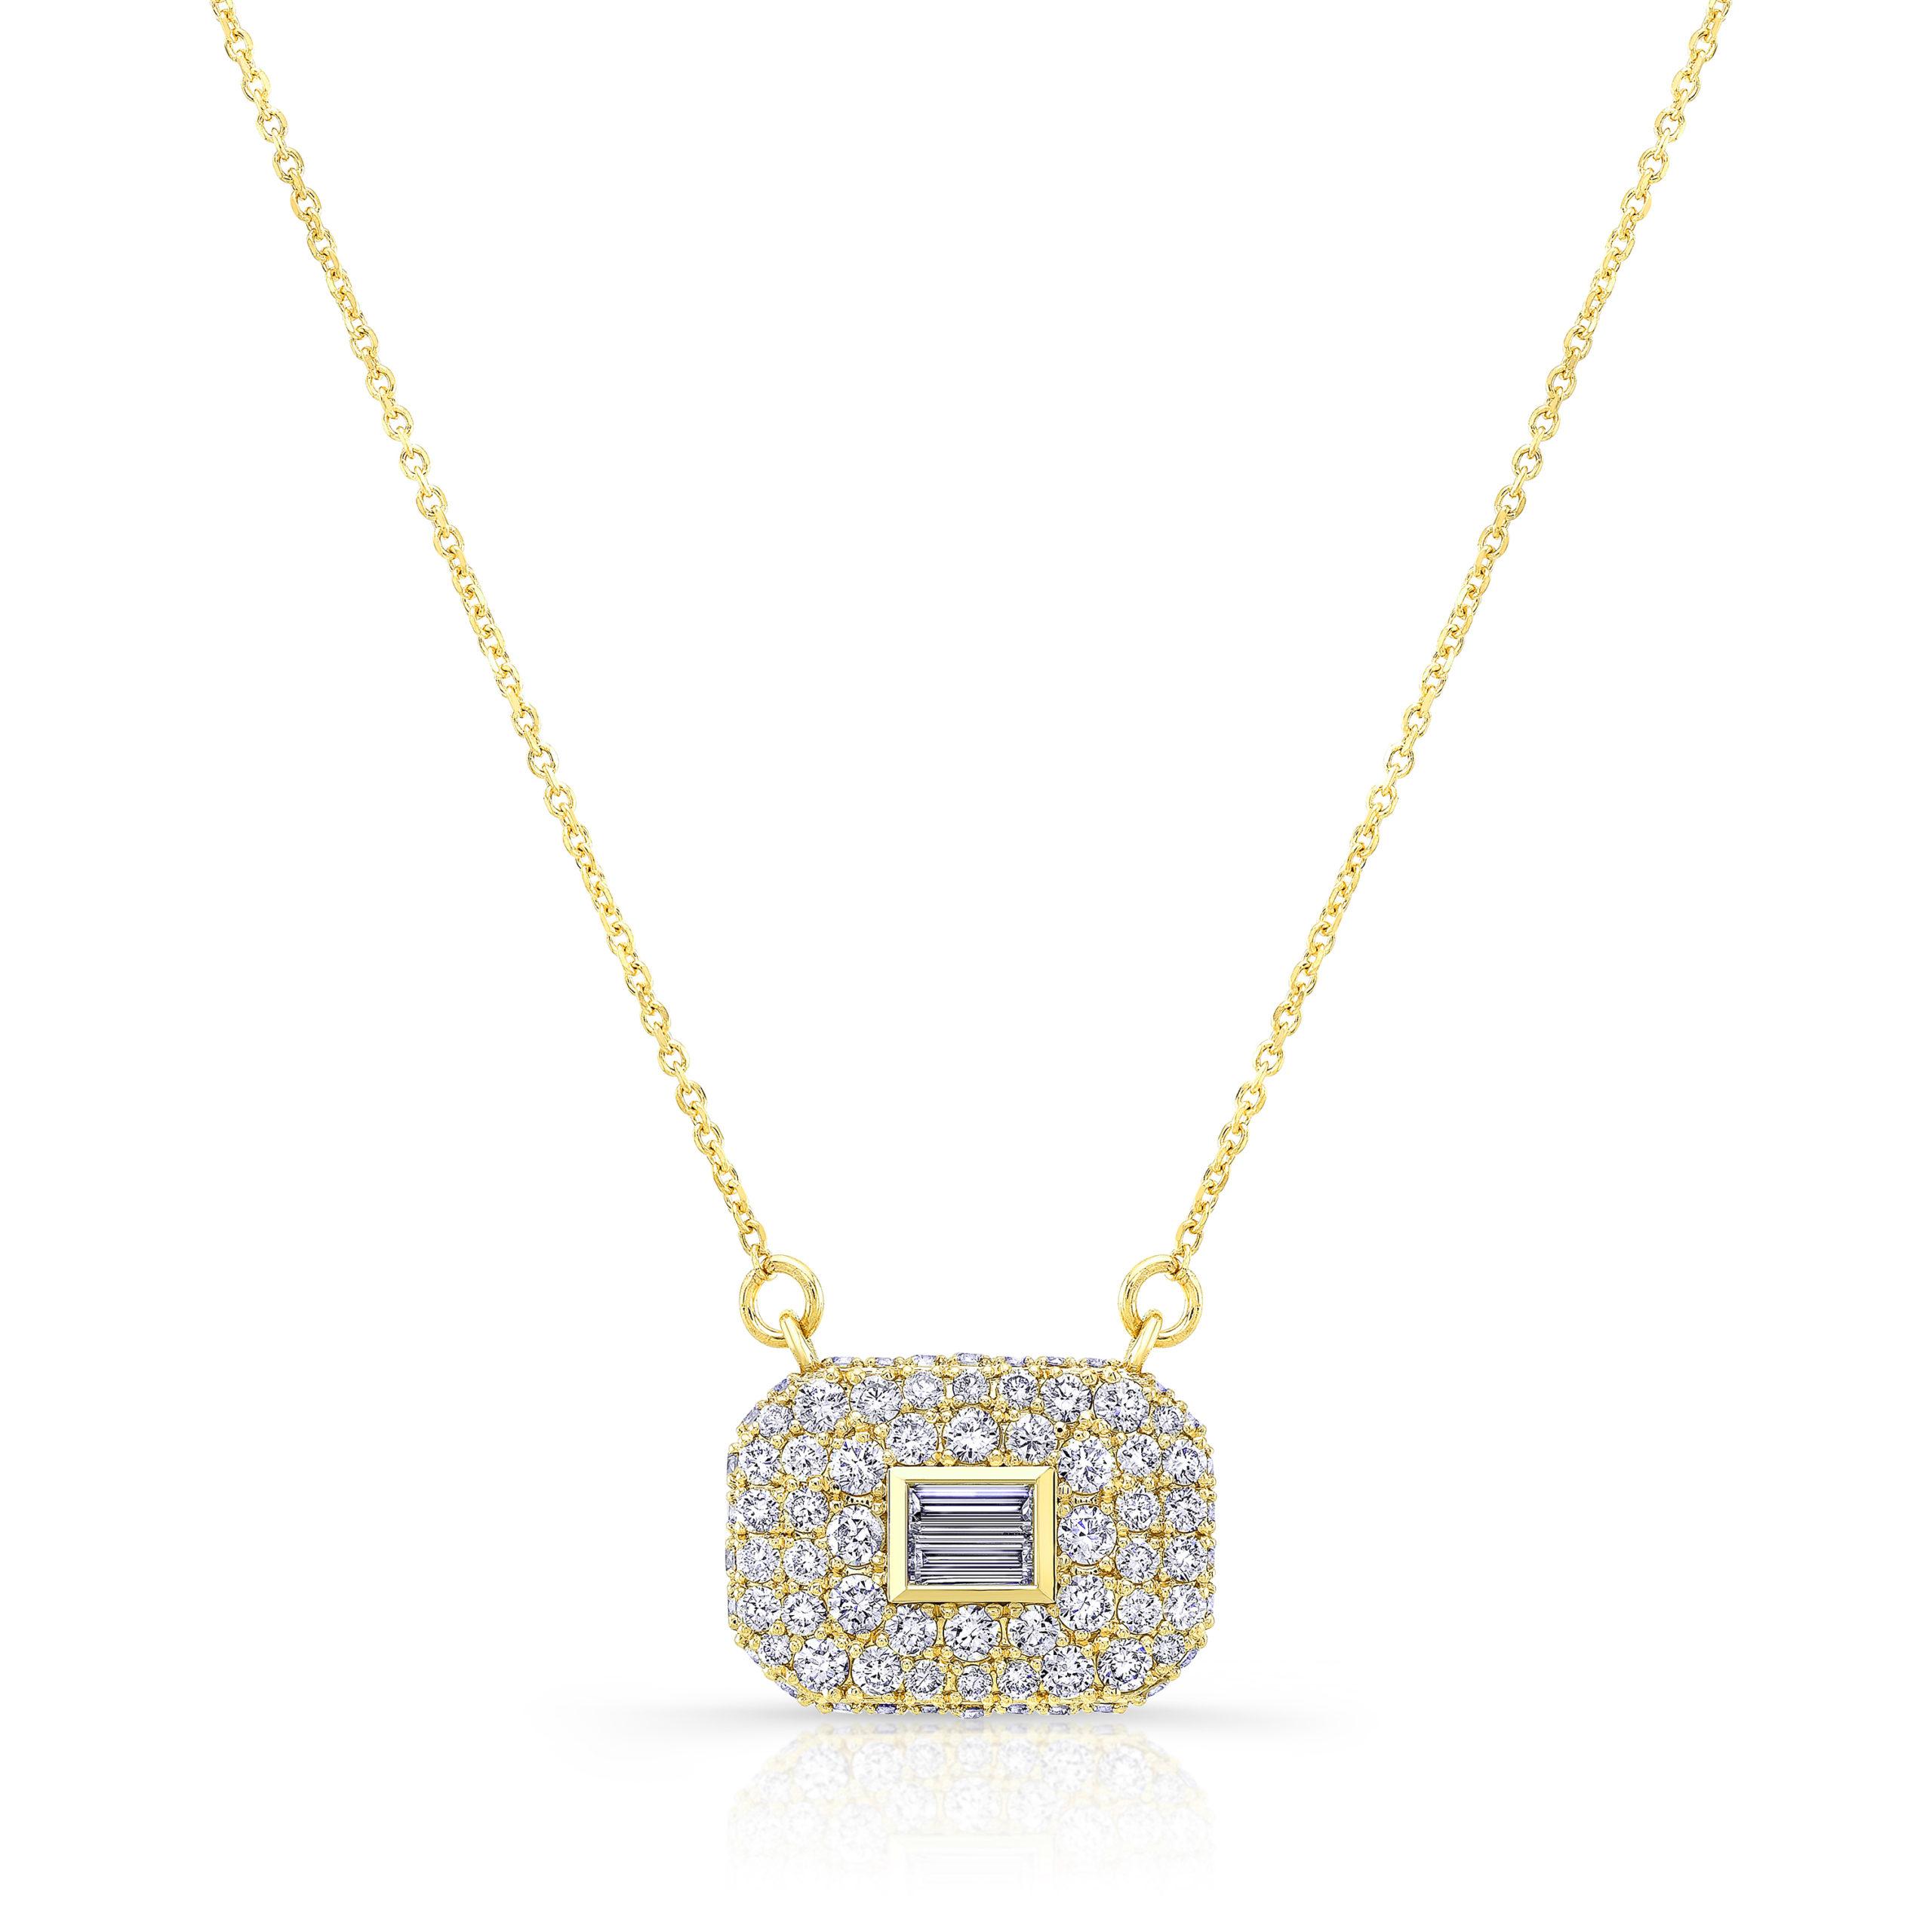 Pave Illusion Baguette Necklace